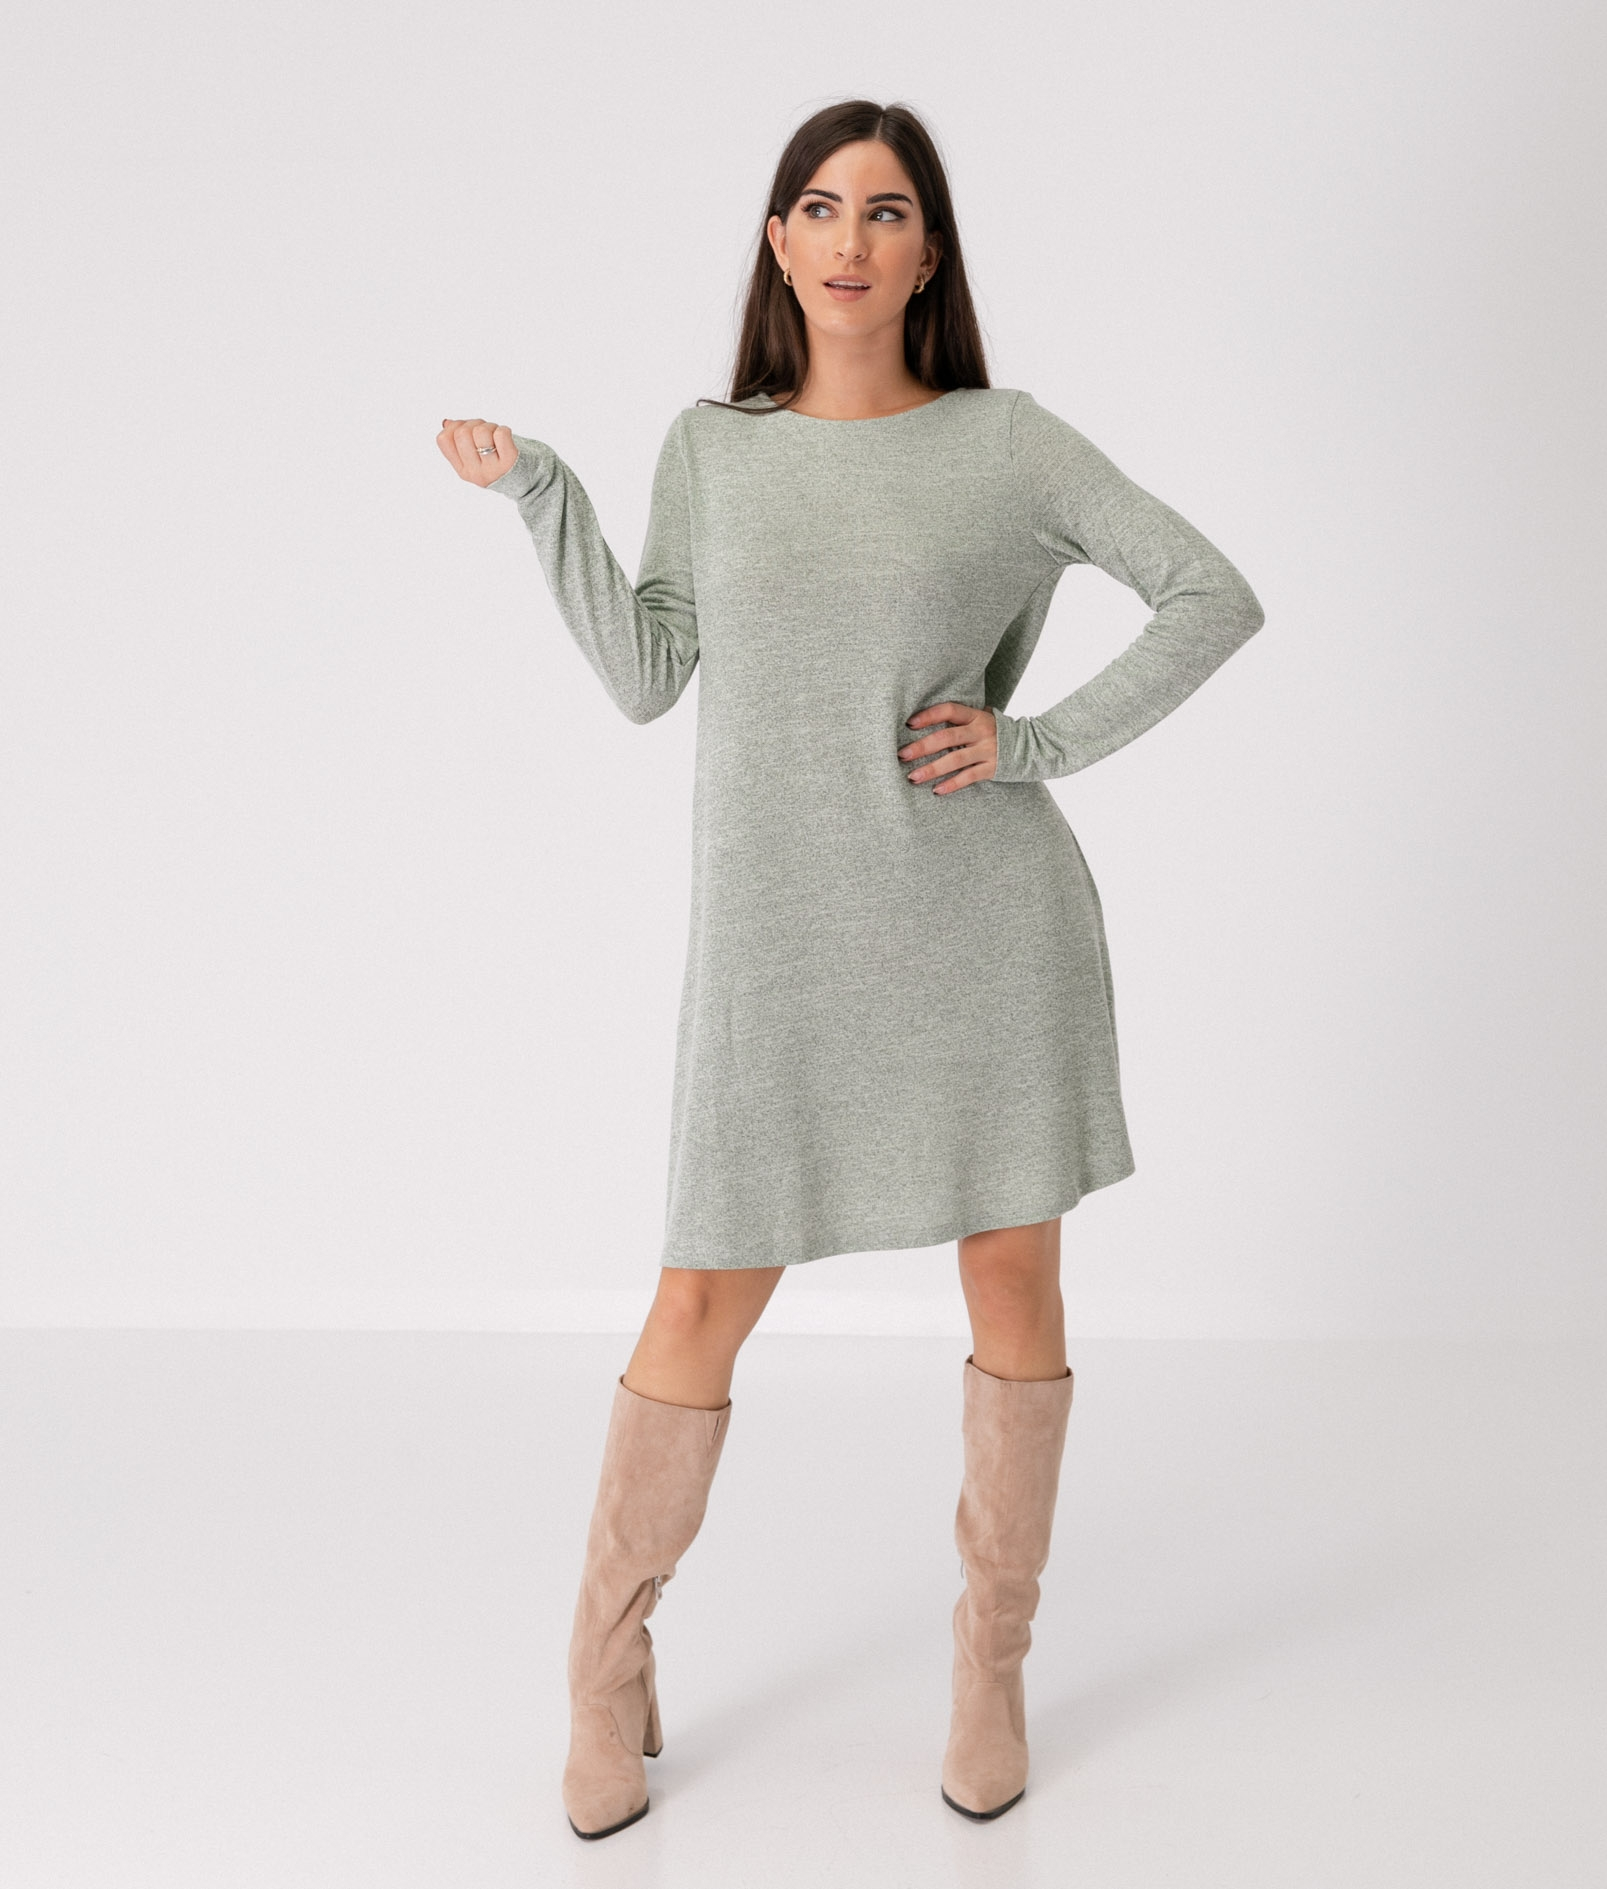 SAKIA DRESS - GREEN